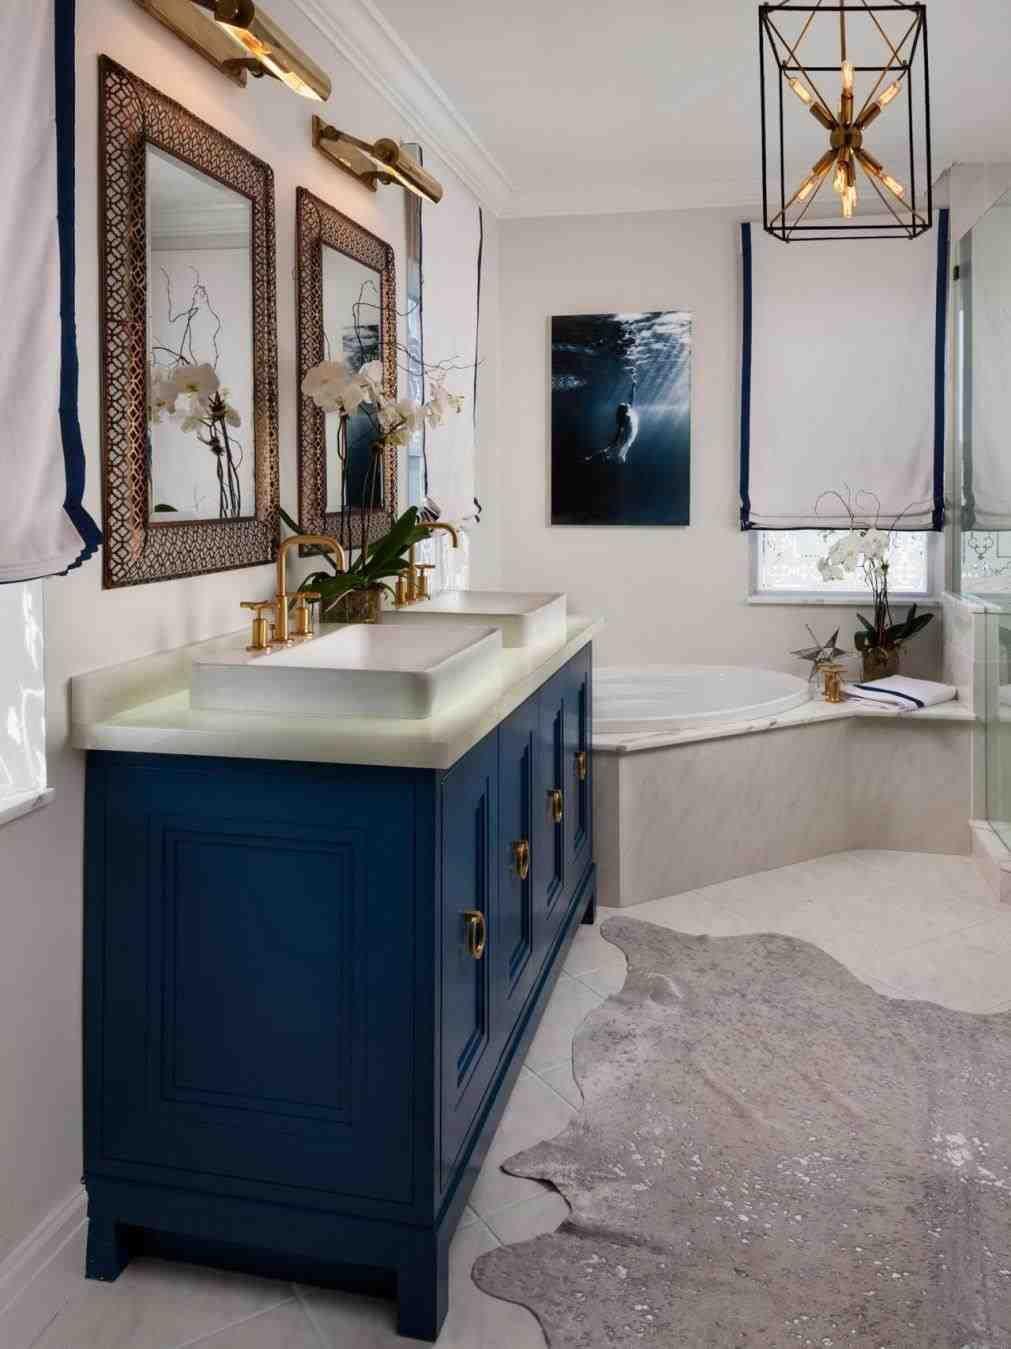 colore-blu-reale-bagno-mobili